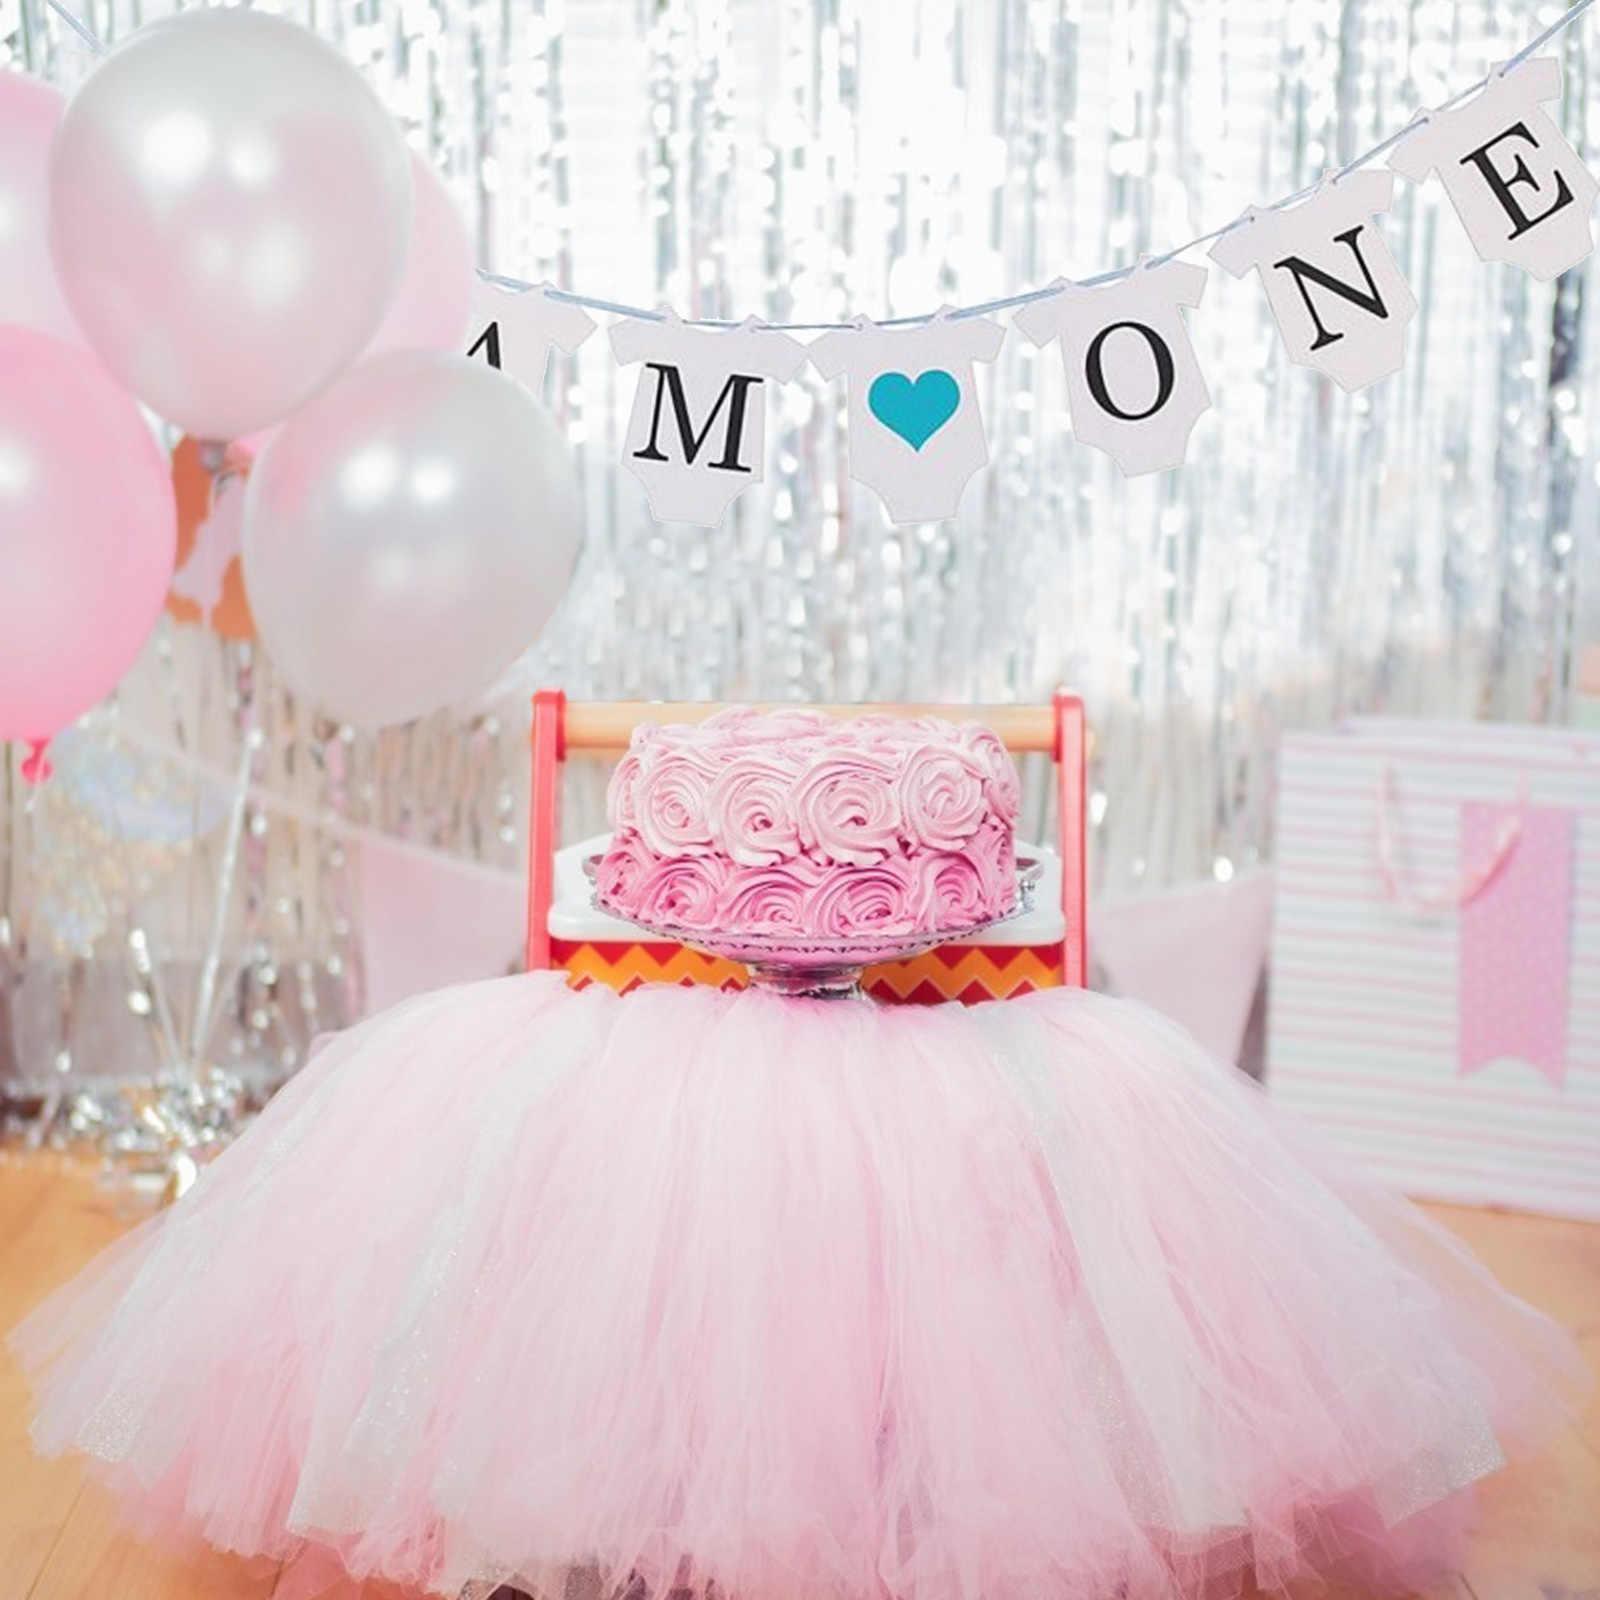 Menino Do Bebê Um Ano de Aniversário Bunting Bandeira Garland Bolo Topper Sereia cabeça do Unicórnio 1st Birthday Party Decoração do presente do Bebê Menino